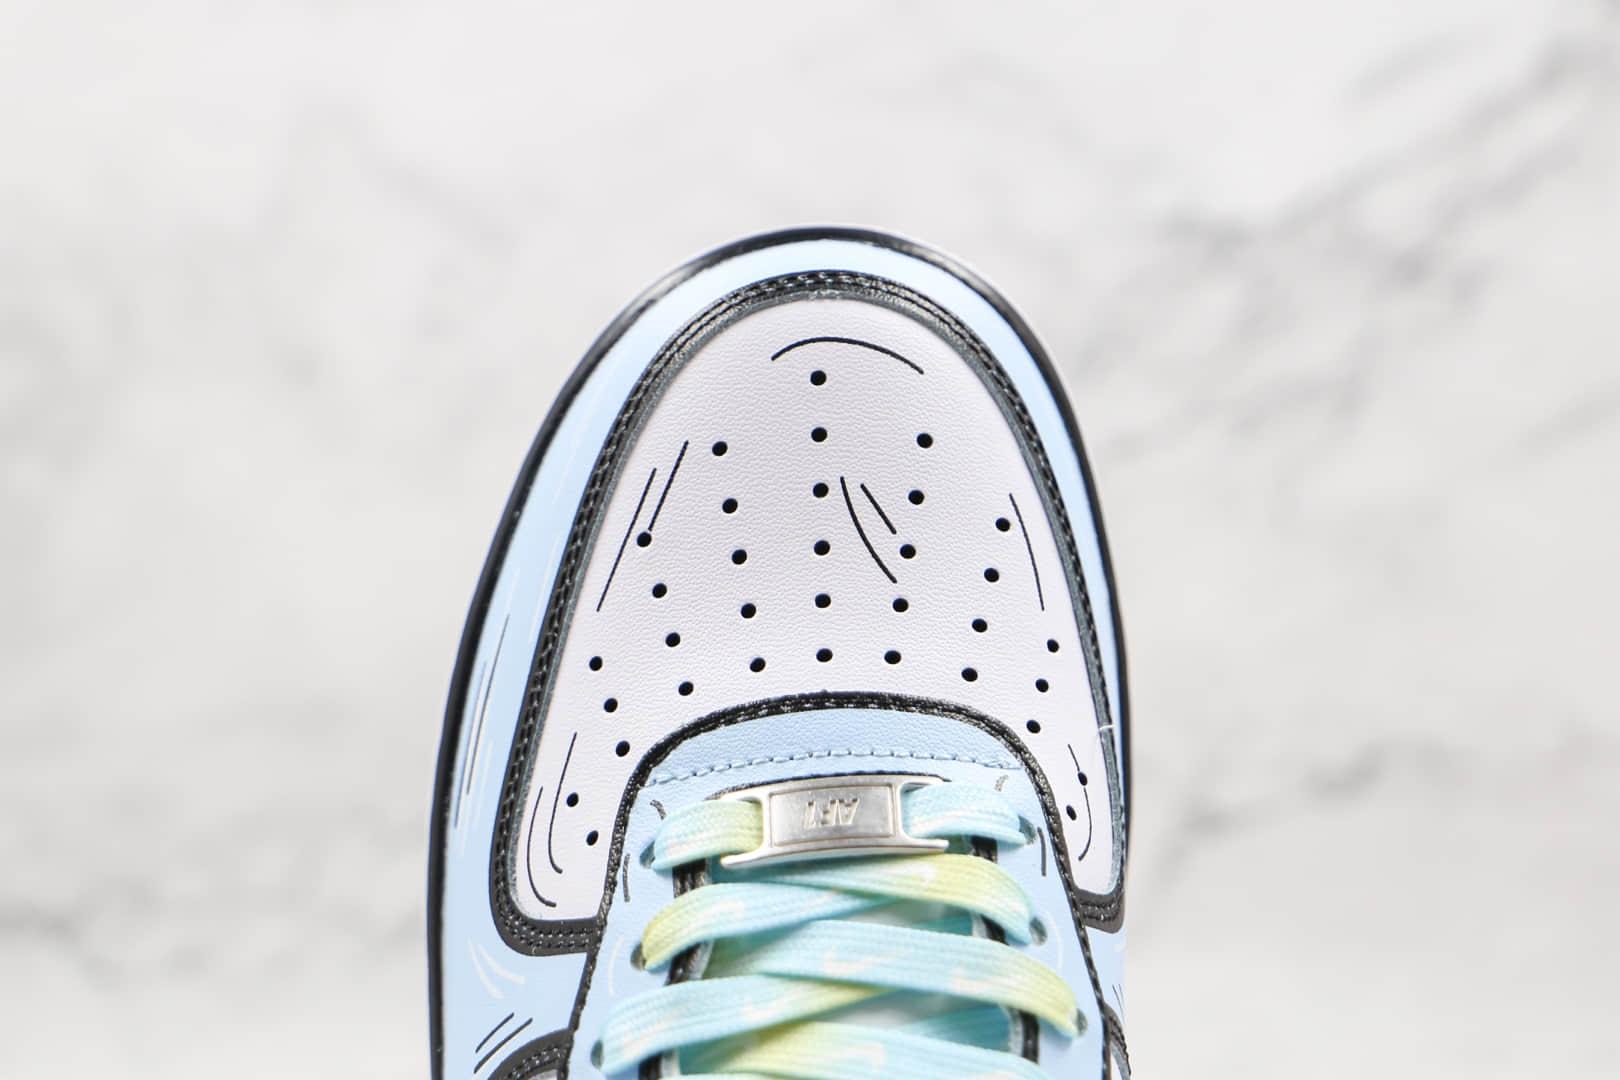 耐克Nike Air Force 1 Low 07纯原版本低帮空军一号冰雪奇缘二次元主题涂鸦配色板鞋内置气垫 货号:CW2288-212